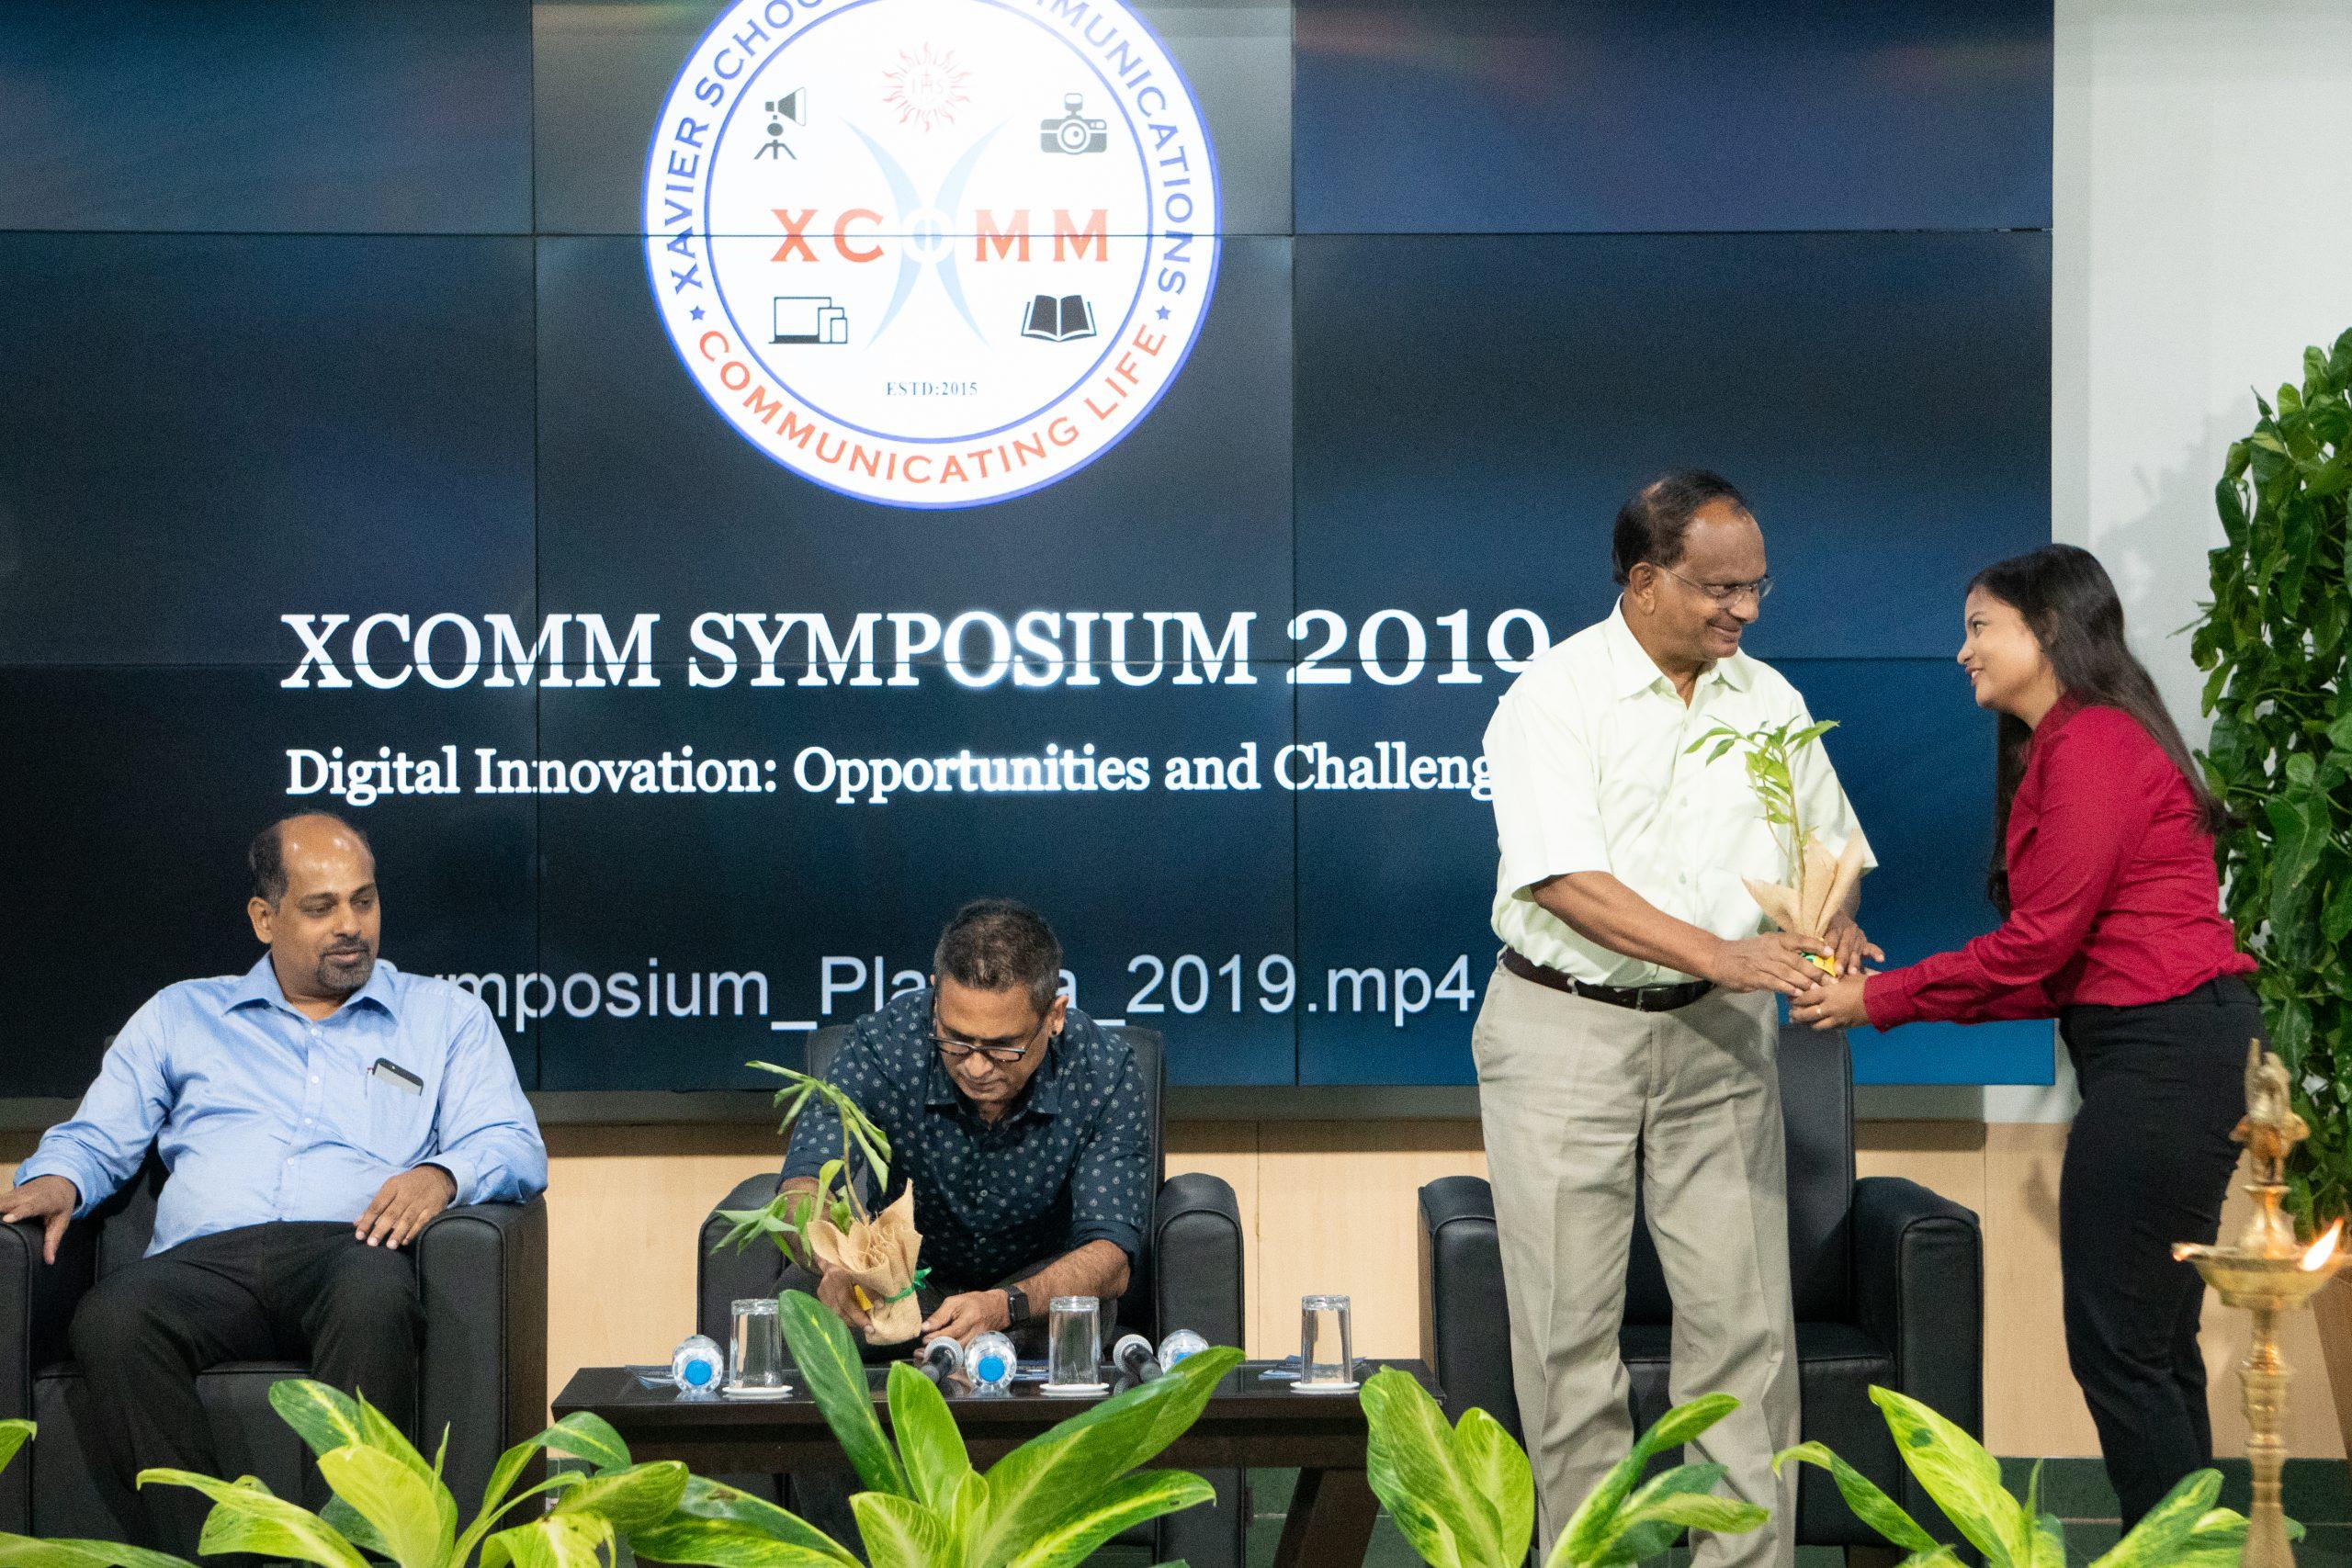 symposium 2019 October 17